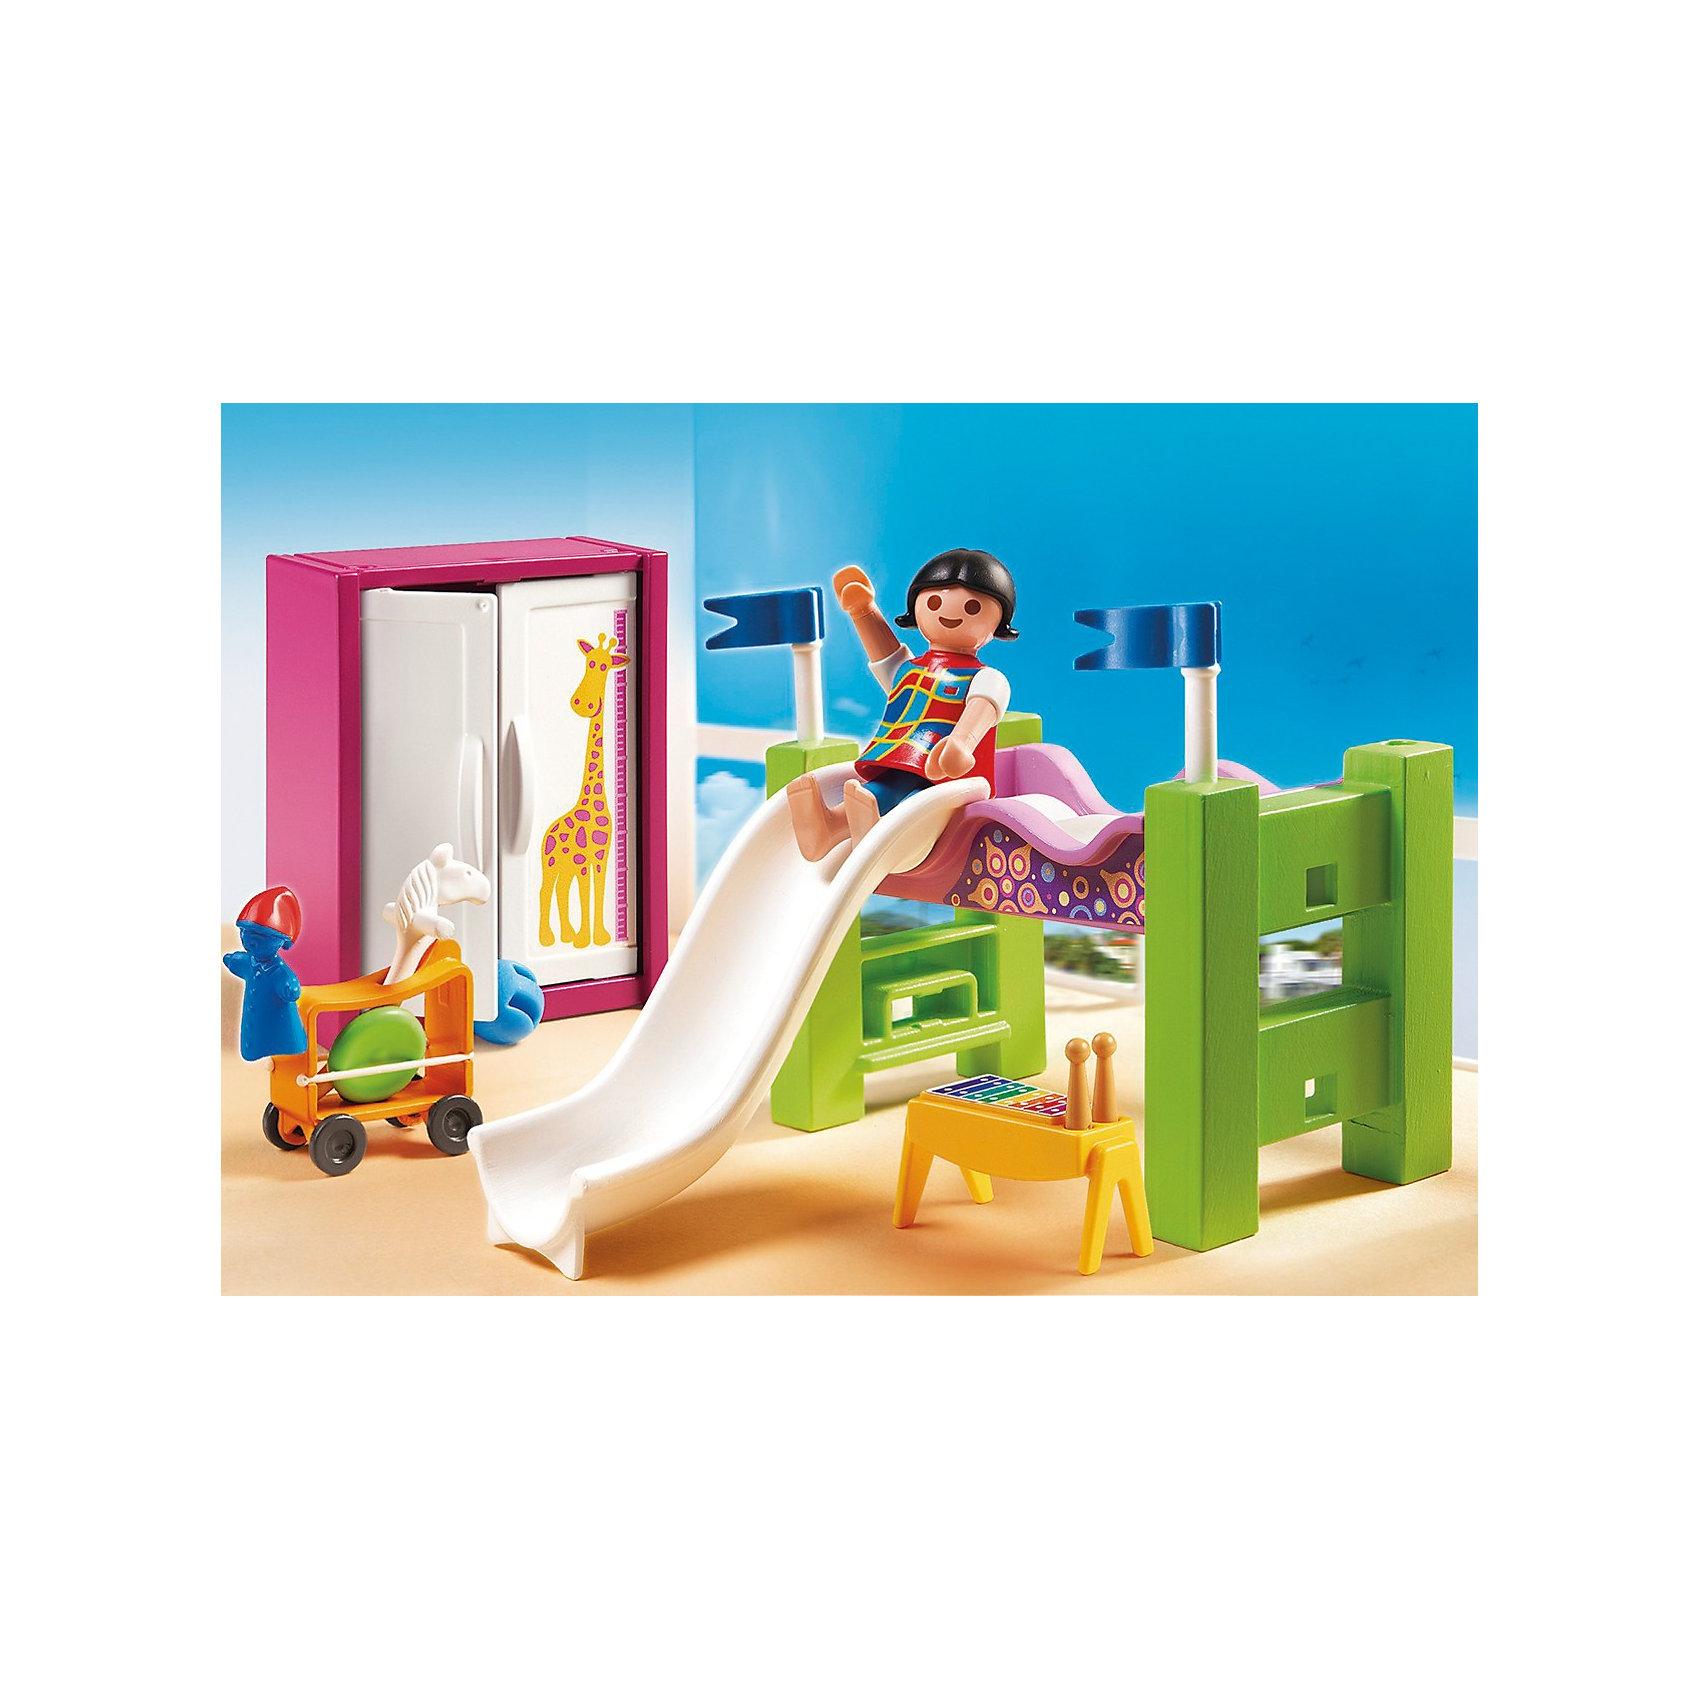 PLAYMOBIL® PLAYMOBIL 5579 Особняки: Детская комната с двухъярусной кроватью-горкой детская мебель